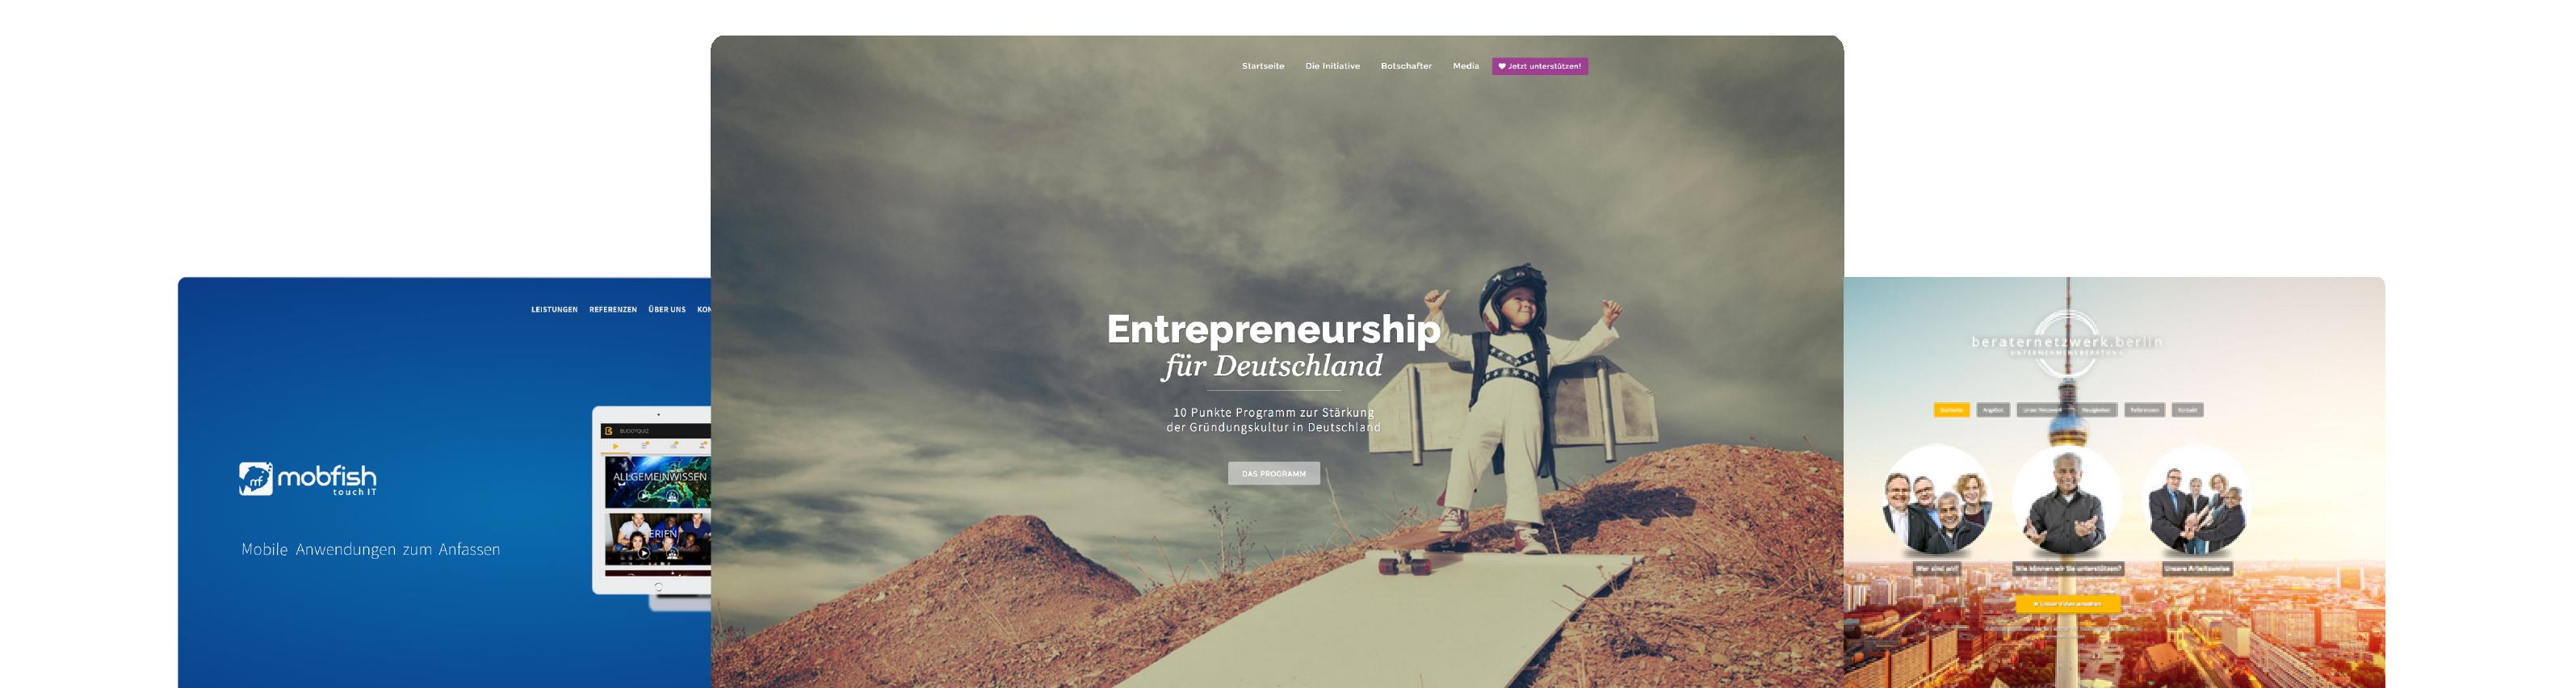 Webdesign von vapintar GmbH